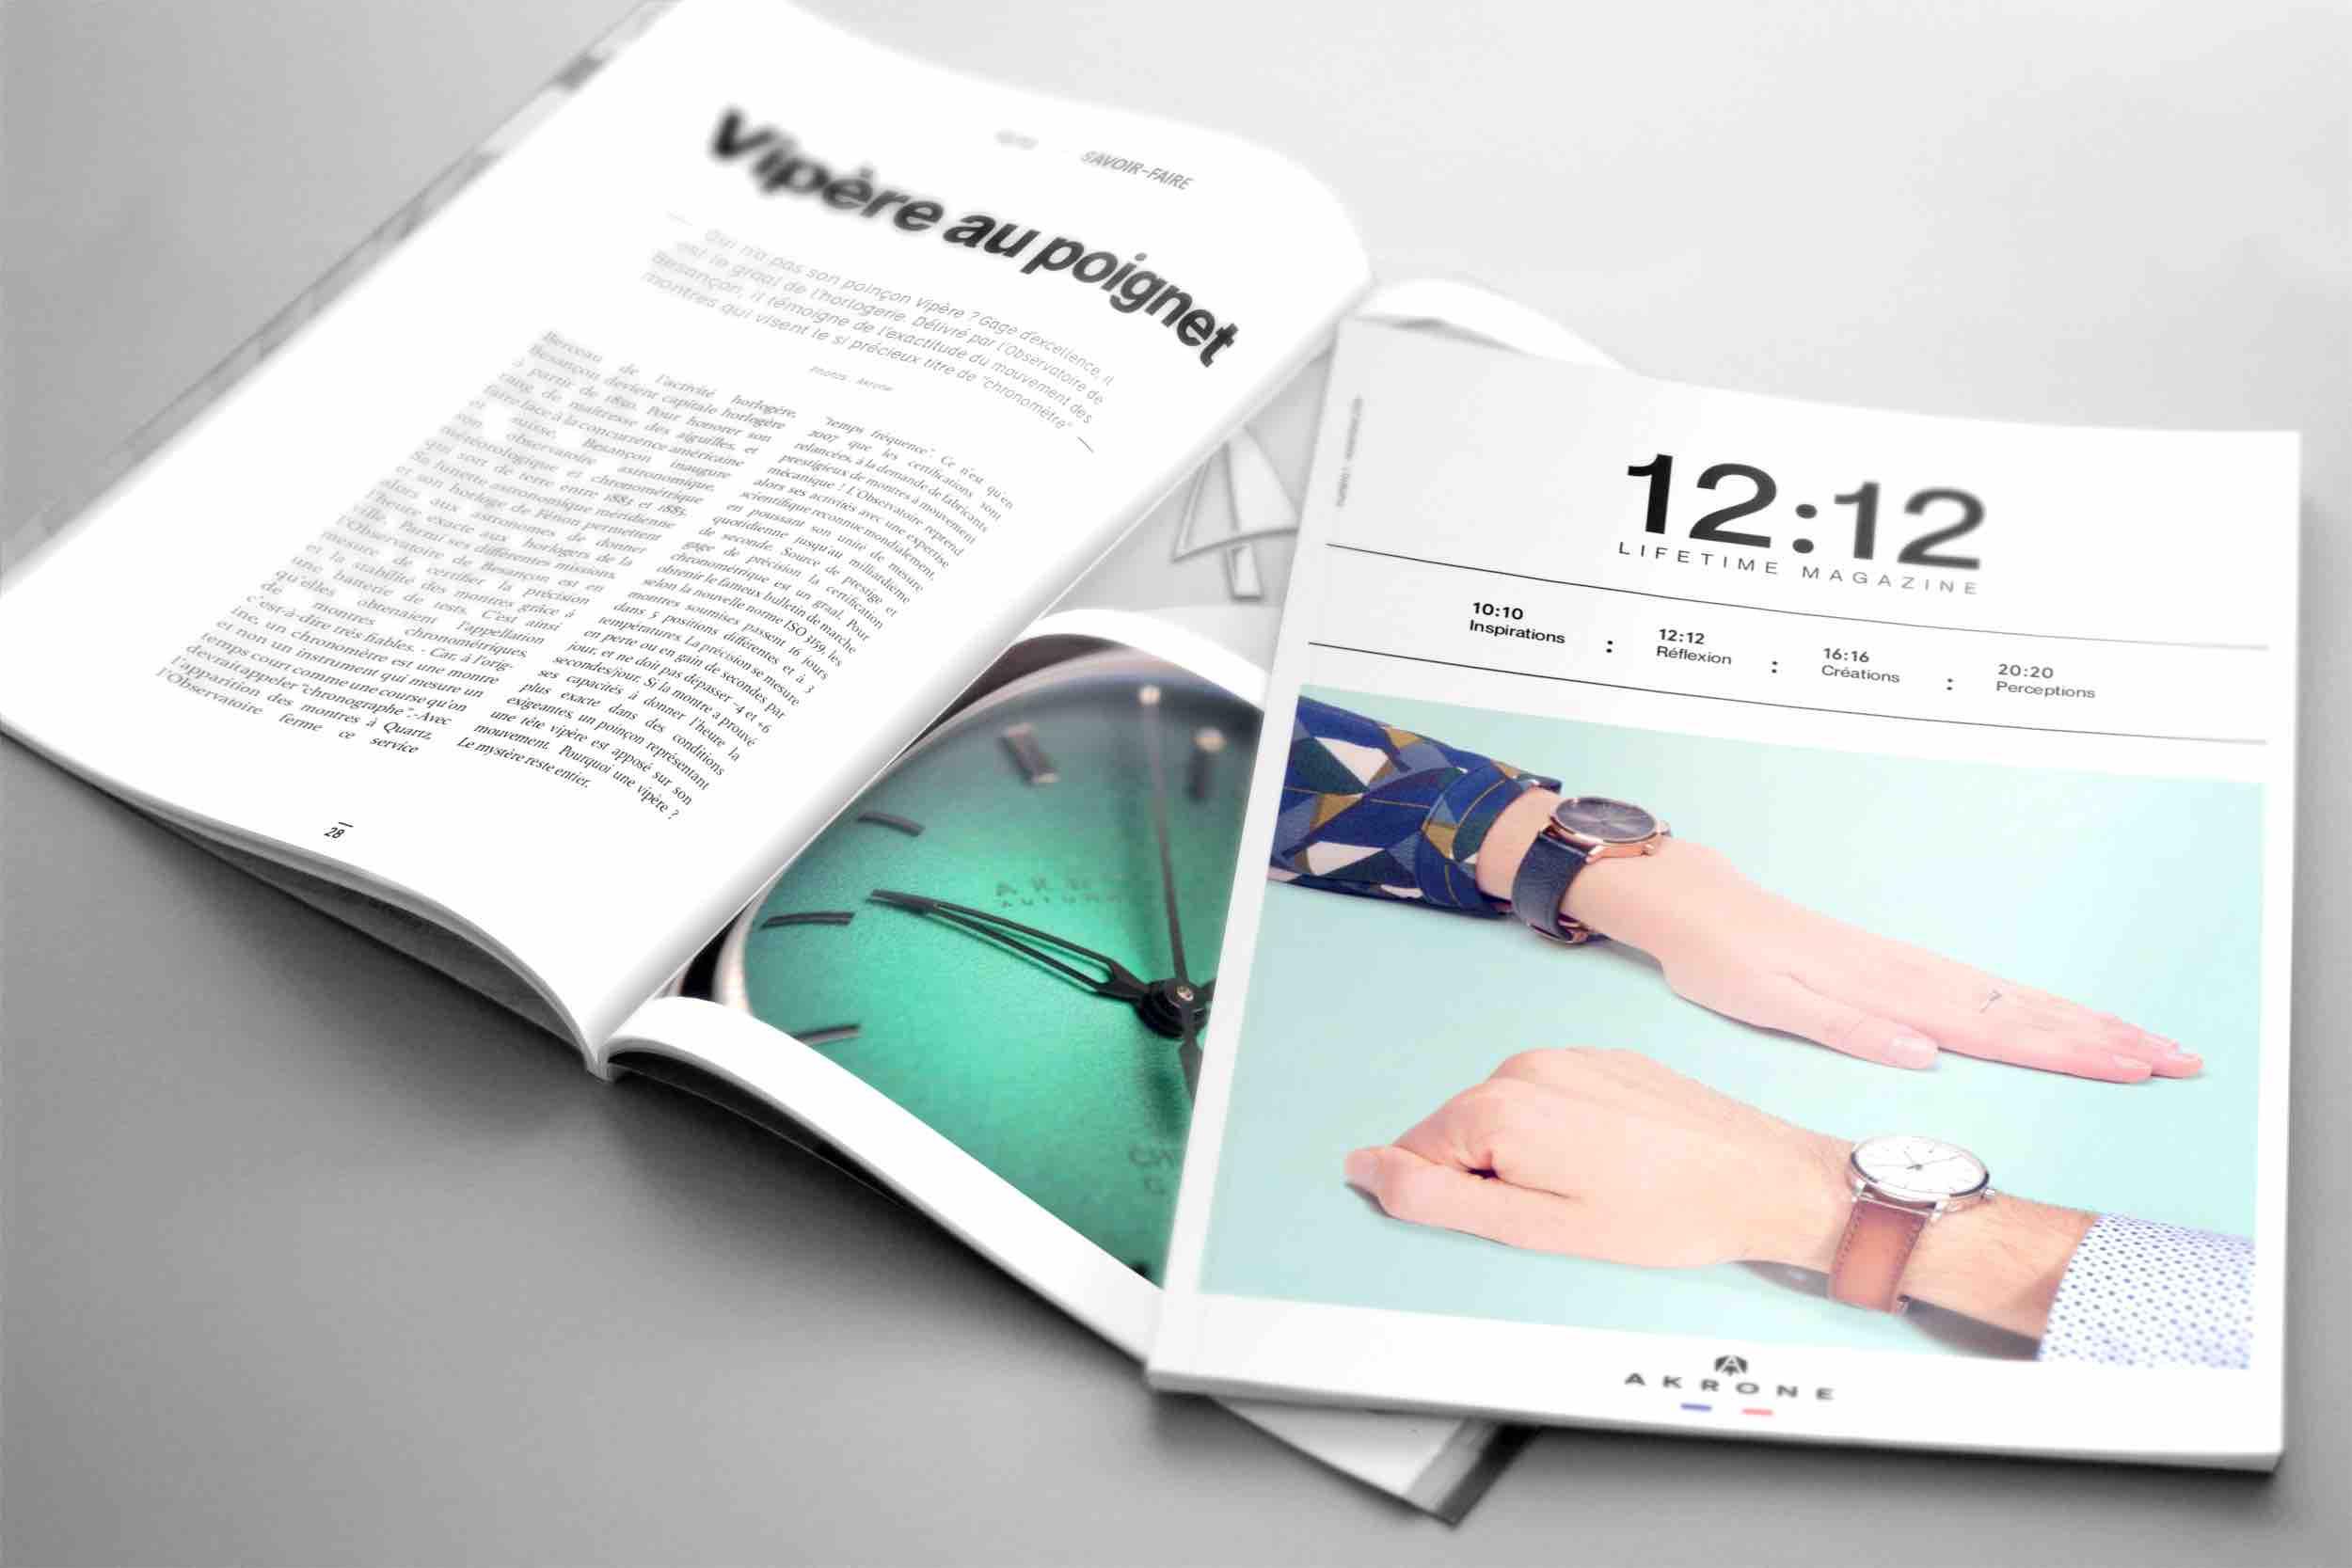 Votre magazine de marque, vous y avez pensé ?